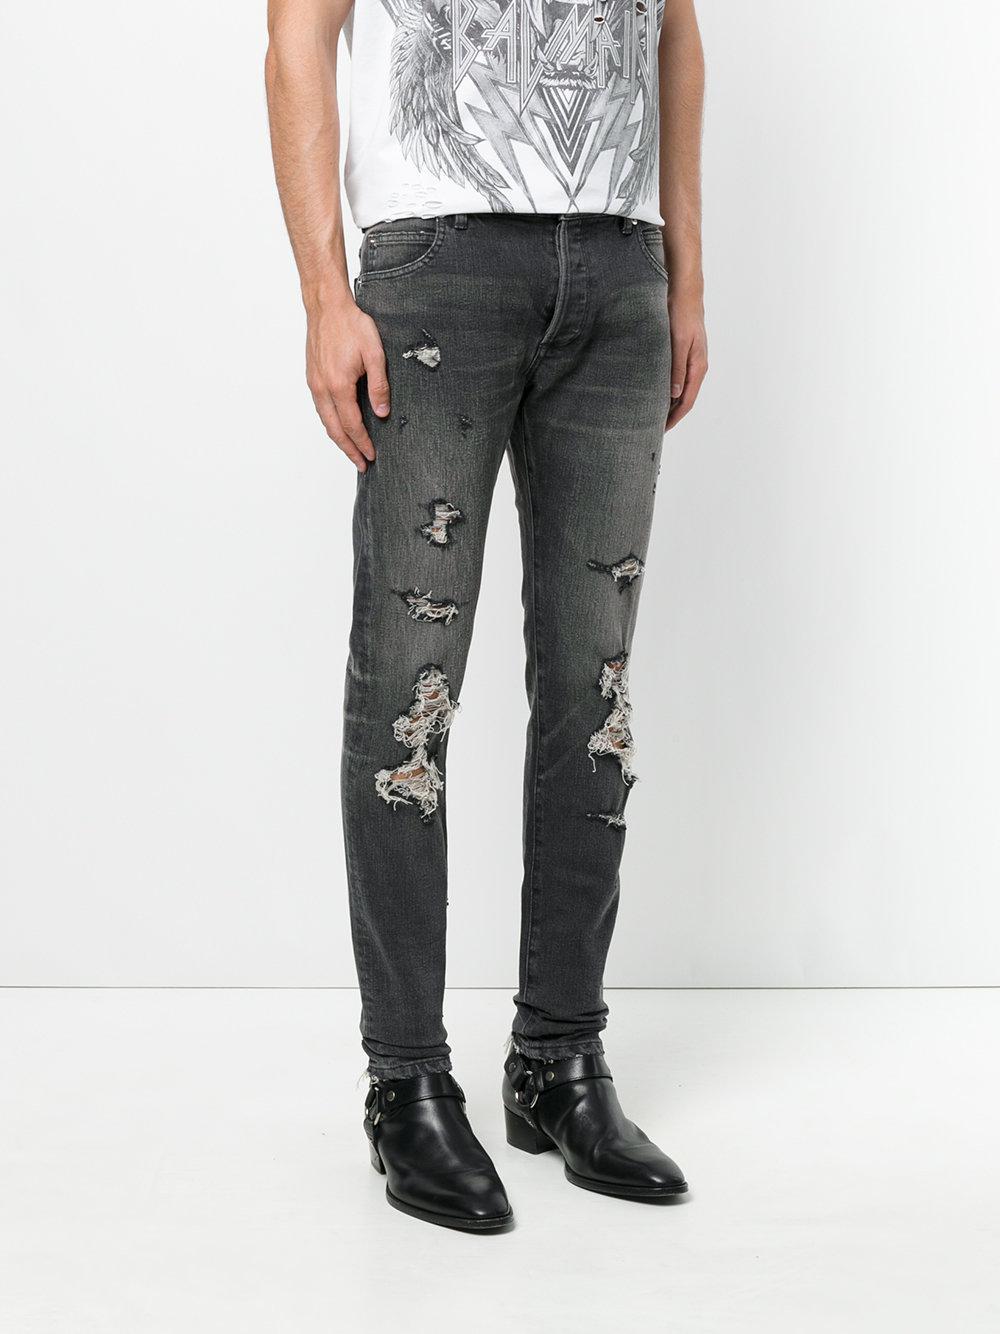 Balmain Denim Distressed Slim Fit Jeans in Black for Men